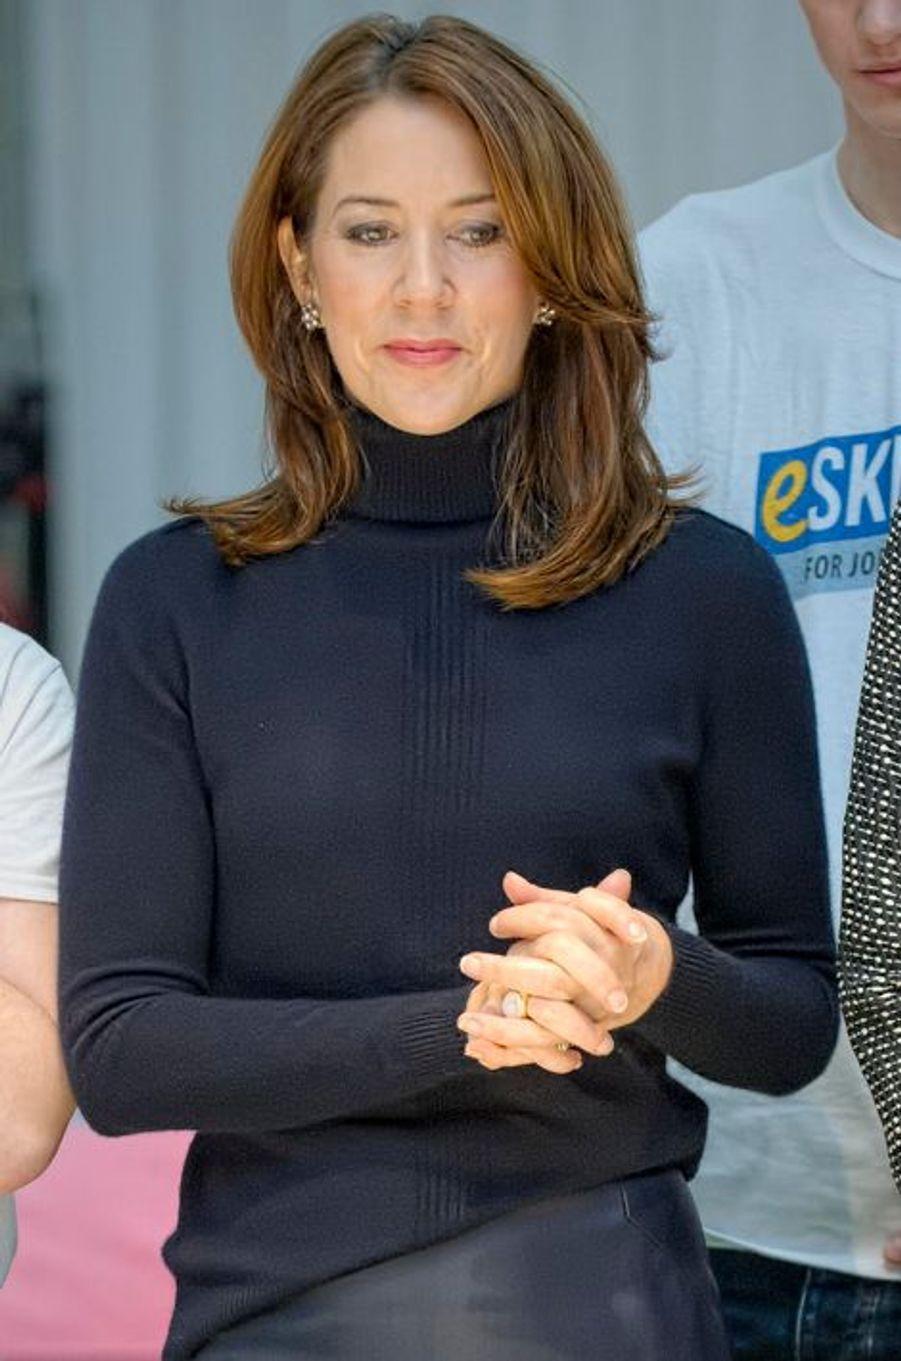 La princesse Mary de Danemark lors de la finale scandinave de la FIRST LEGO League à Brondby, le 29 novembre 2014